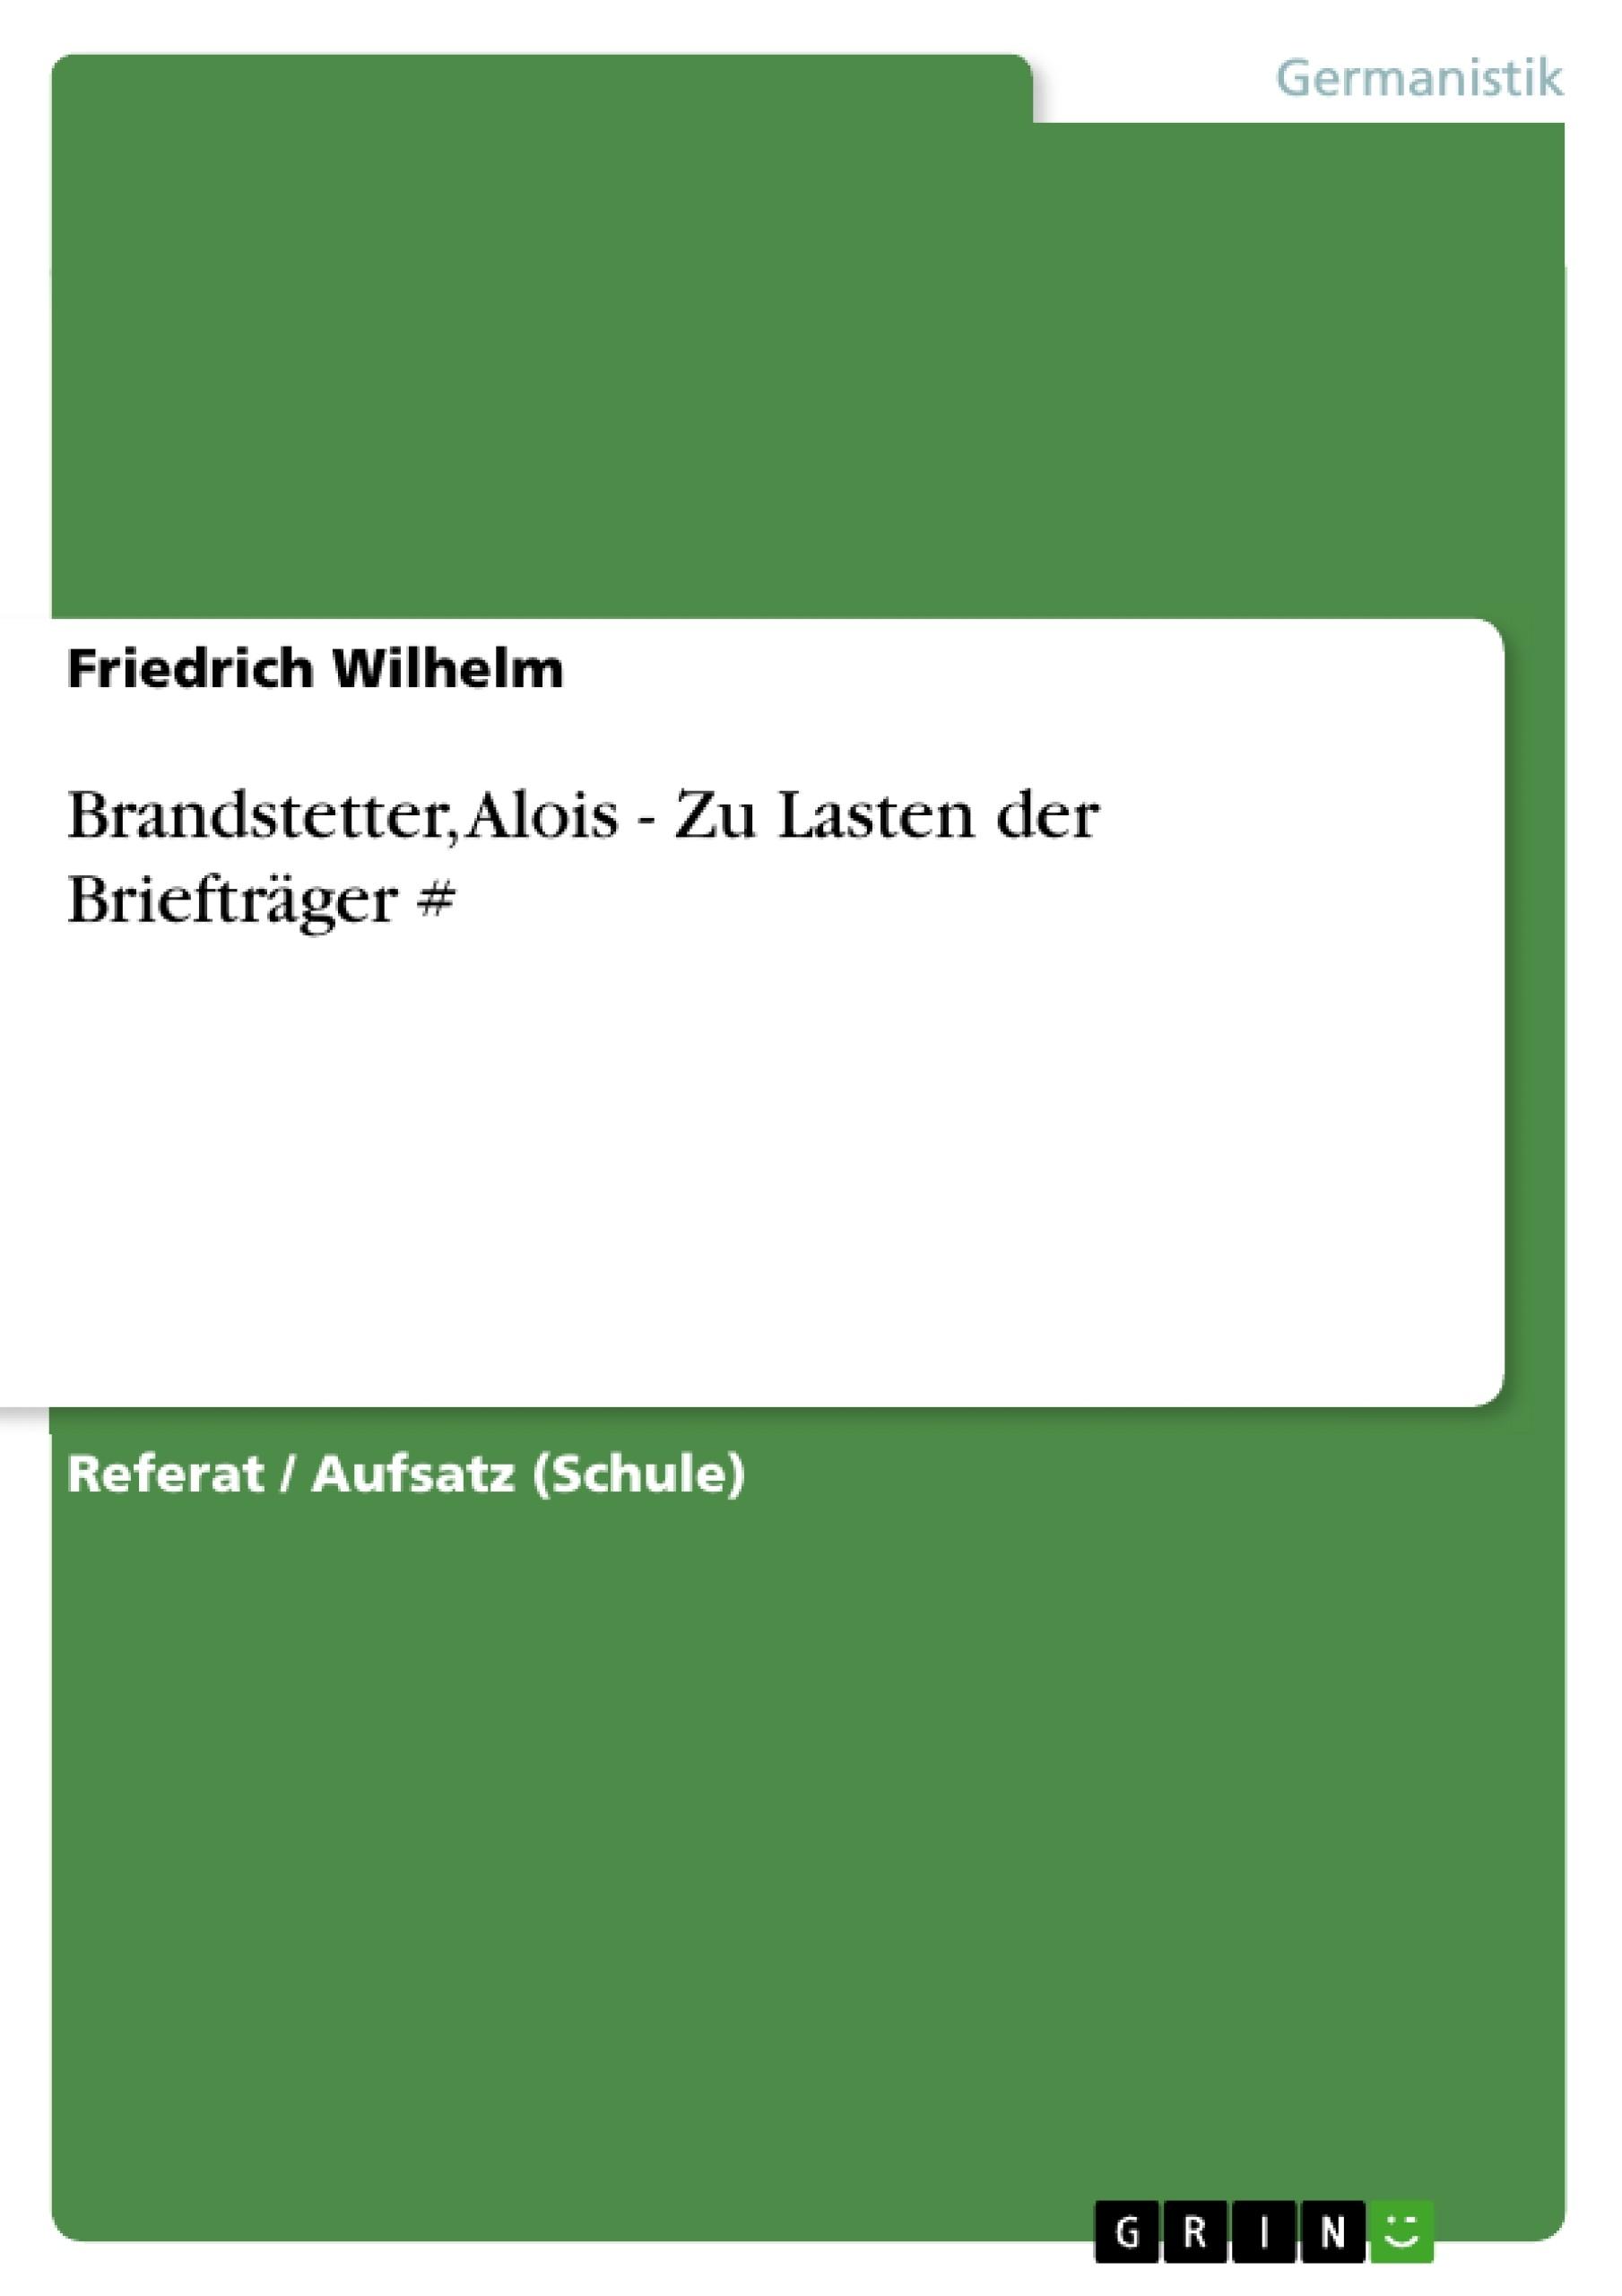 Titel: Brandstetter, Alois - Zu Lasten der Briefträger #